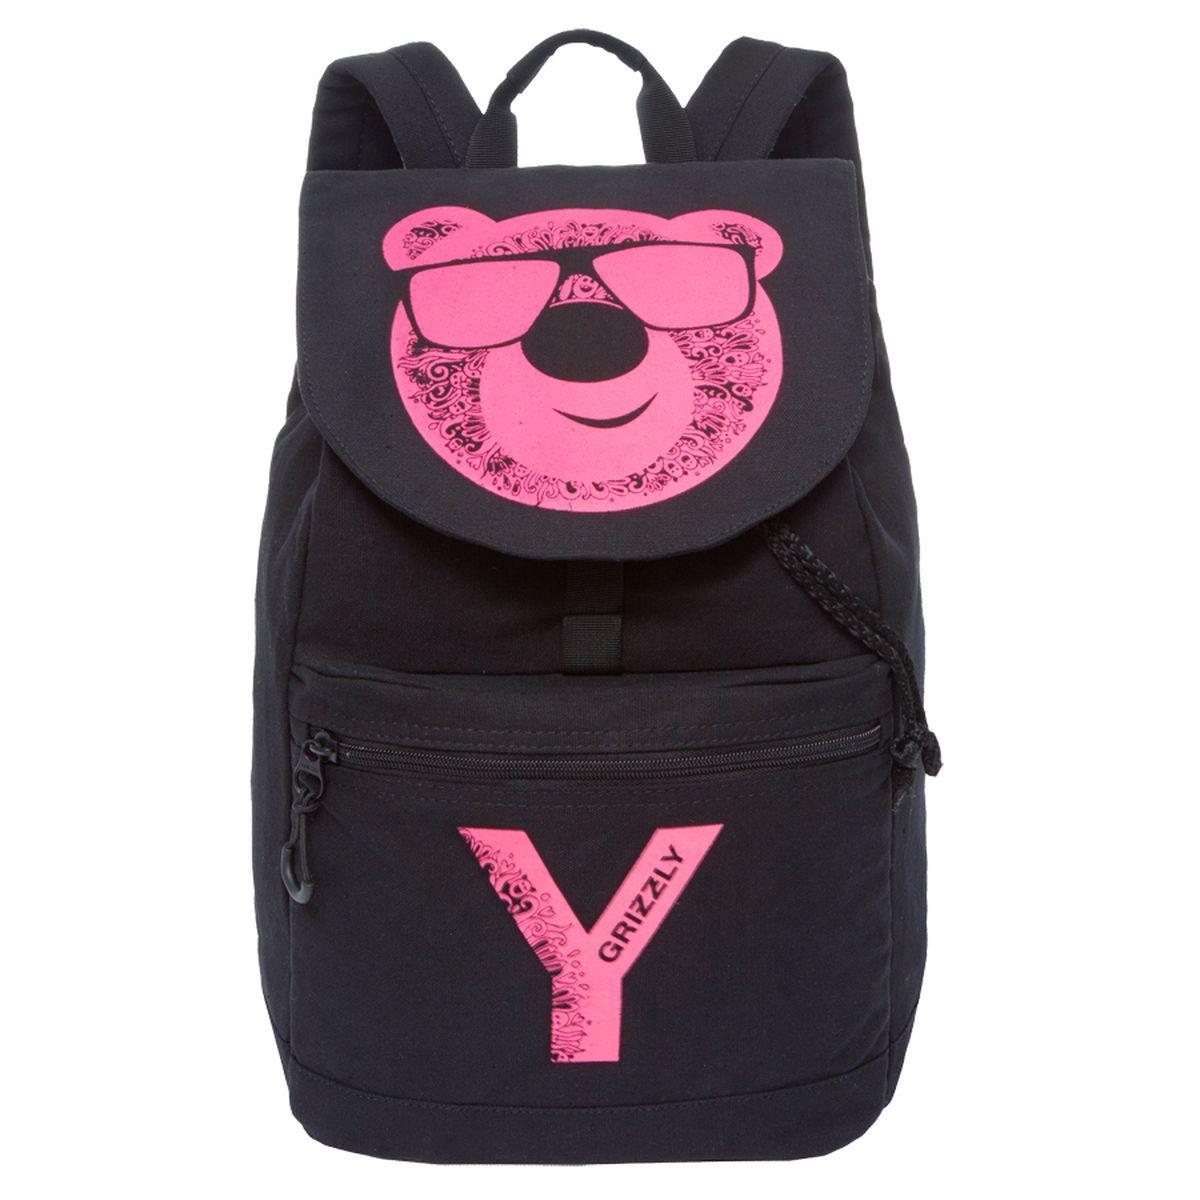 """Рюкзак молодежный """"Grizzly"""", цвет: черный-фиолетовый. 18 л. RD-744-1/4"""